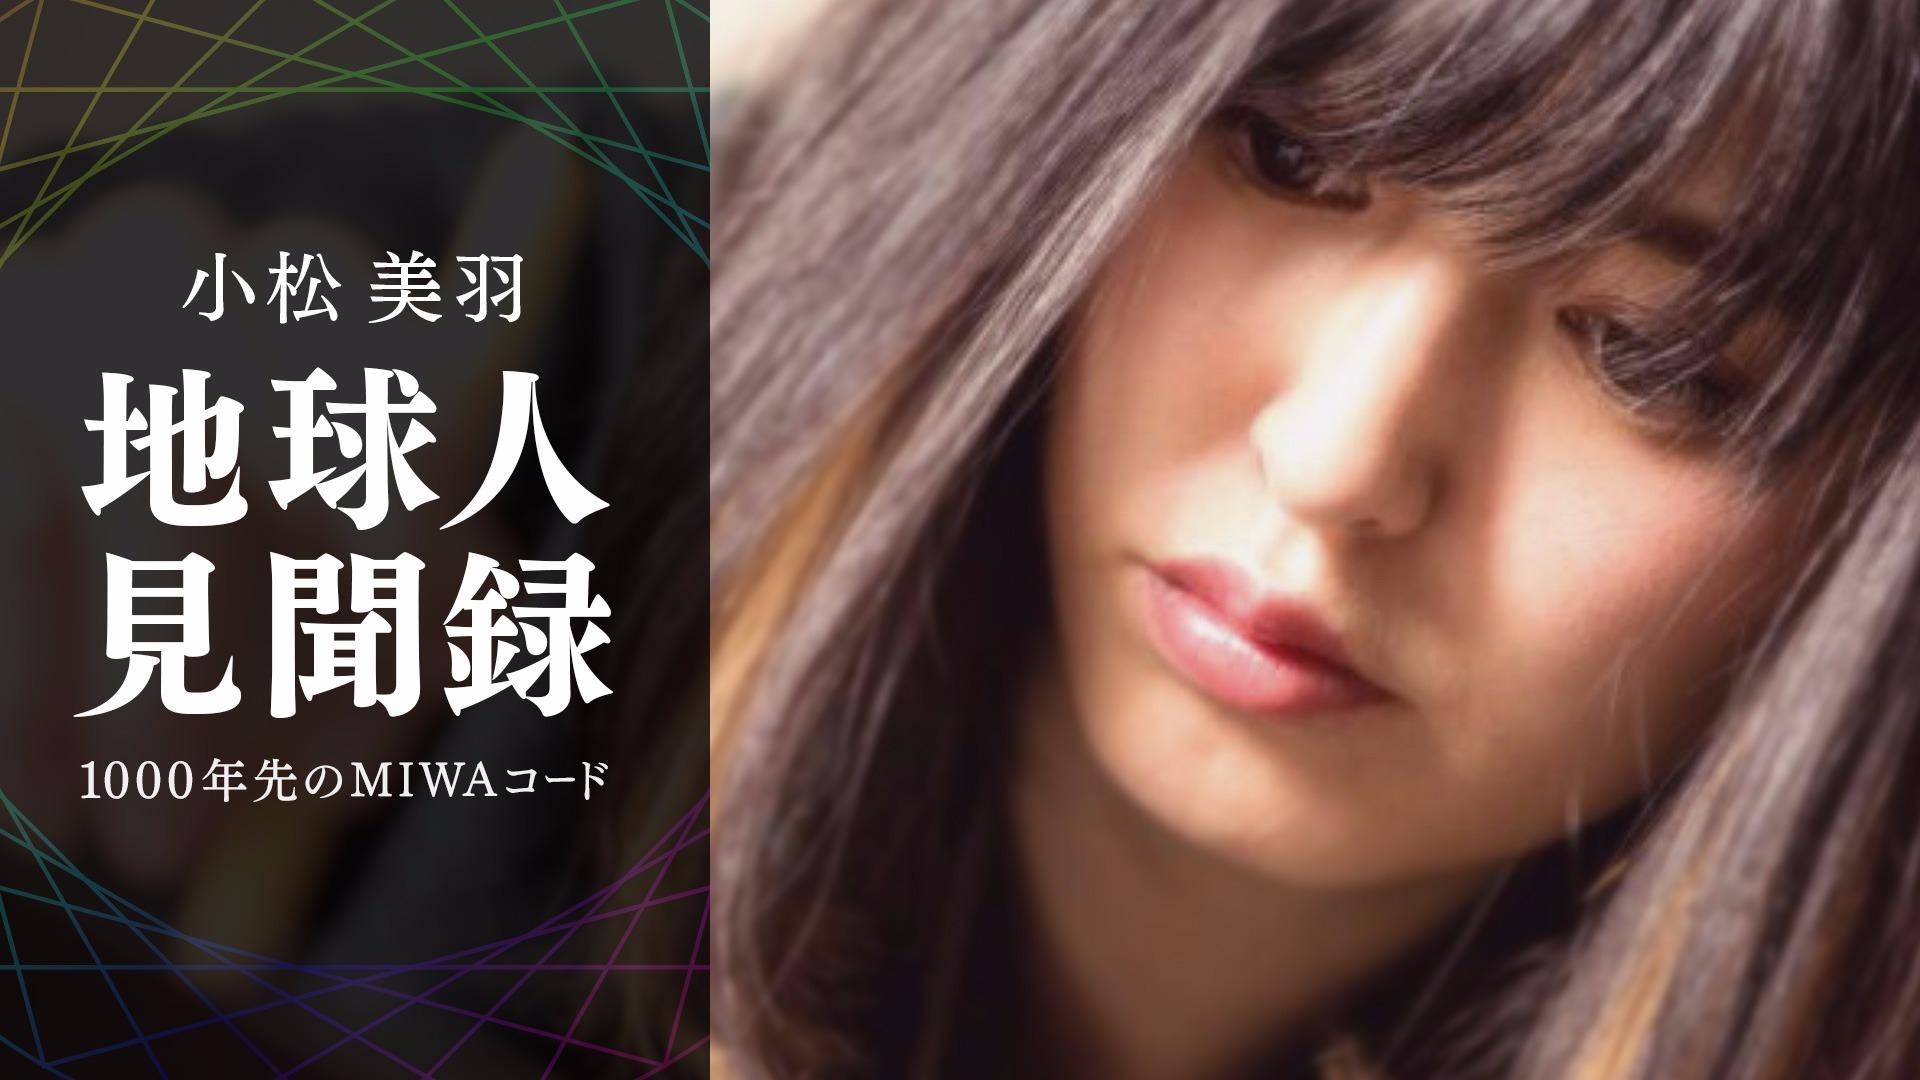 小松美羽 - 小松美羽 地球人見聞録 ~1000年先のMIWAコード~ - DMM オンラインサロン